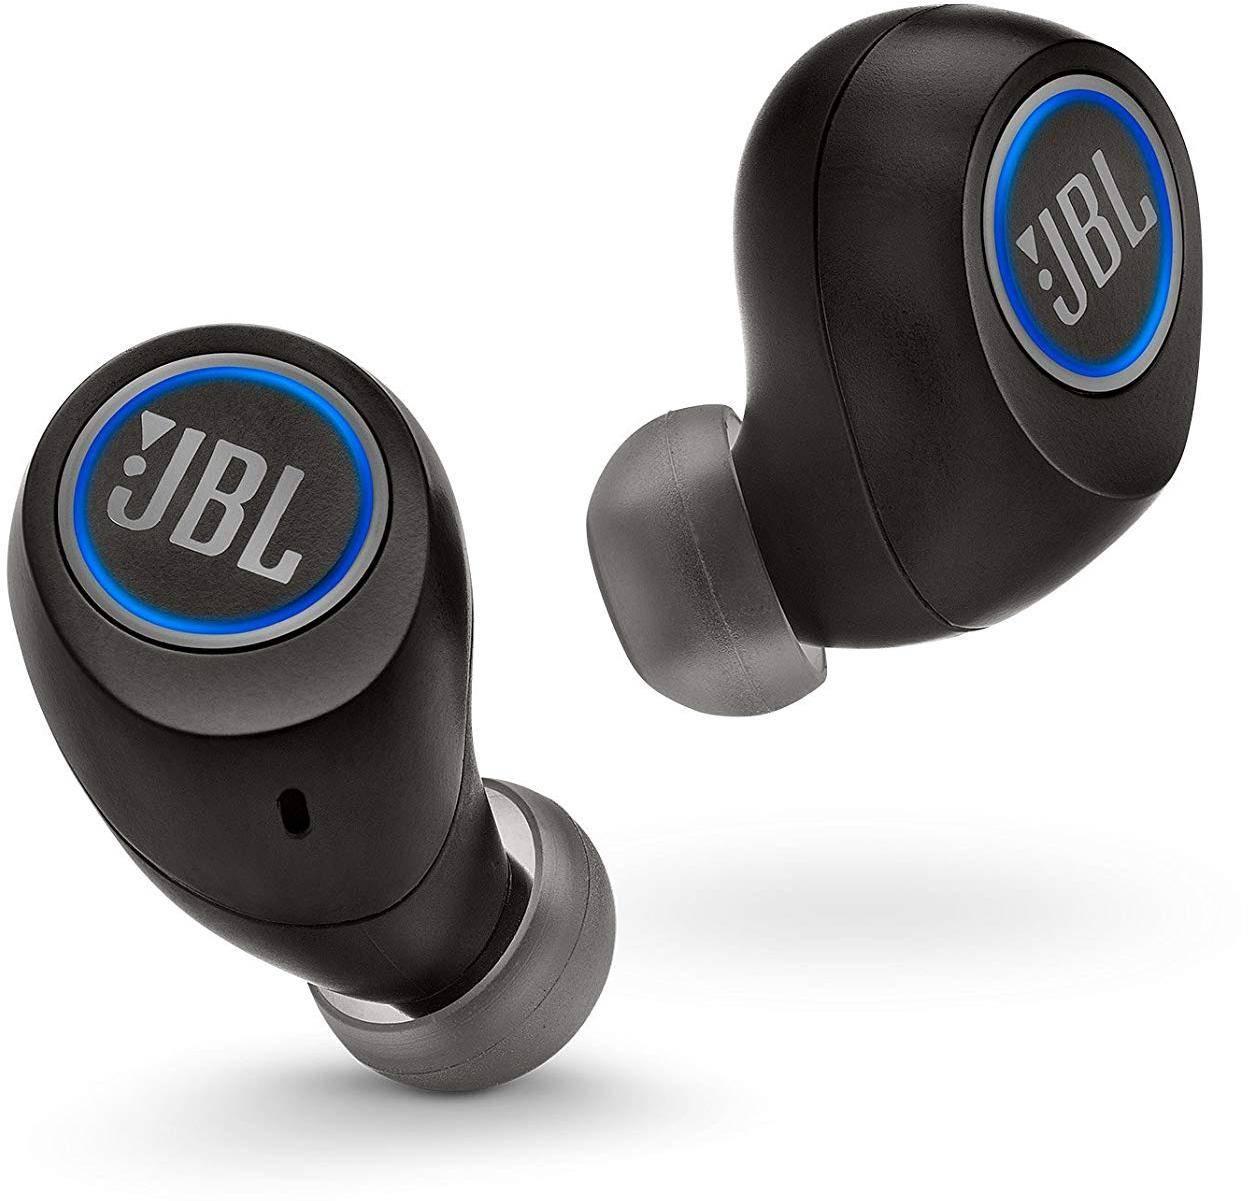 JBL Free X Truly Wireless In-Ear Headphones zoom image